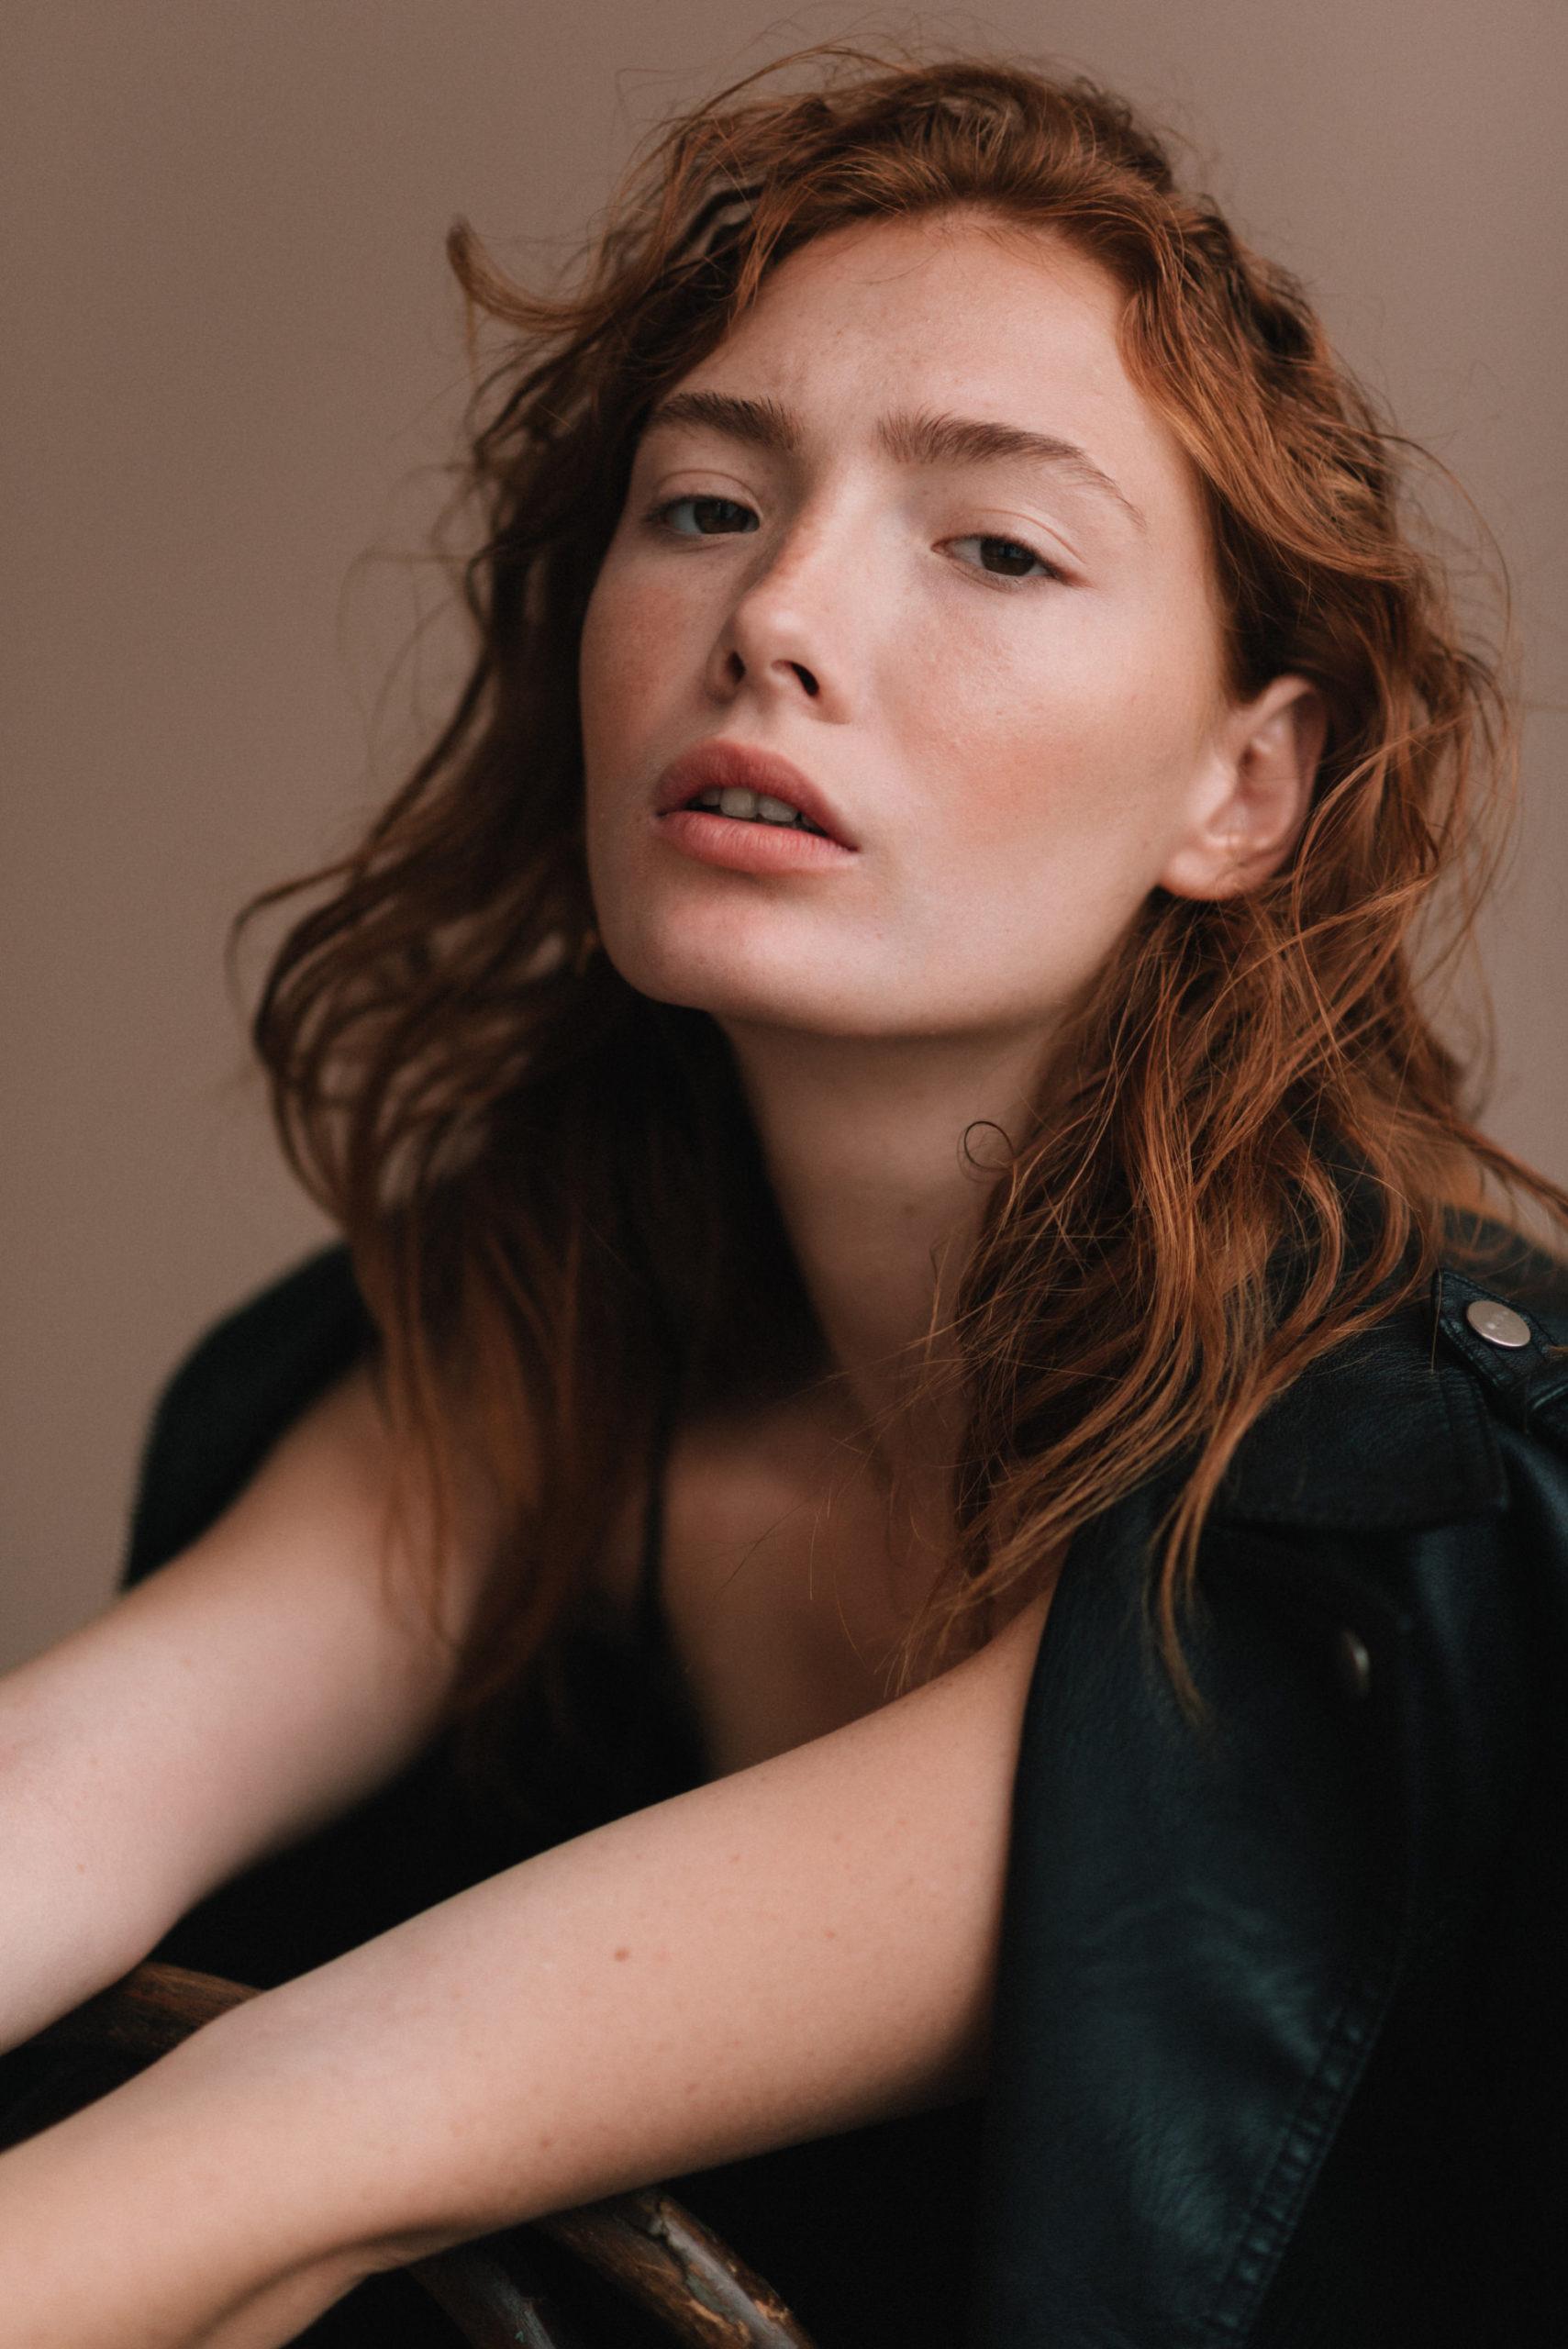 Chloé Lapeyssonnie - photographe - commercial mode femme homme fashion accessoires